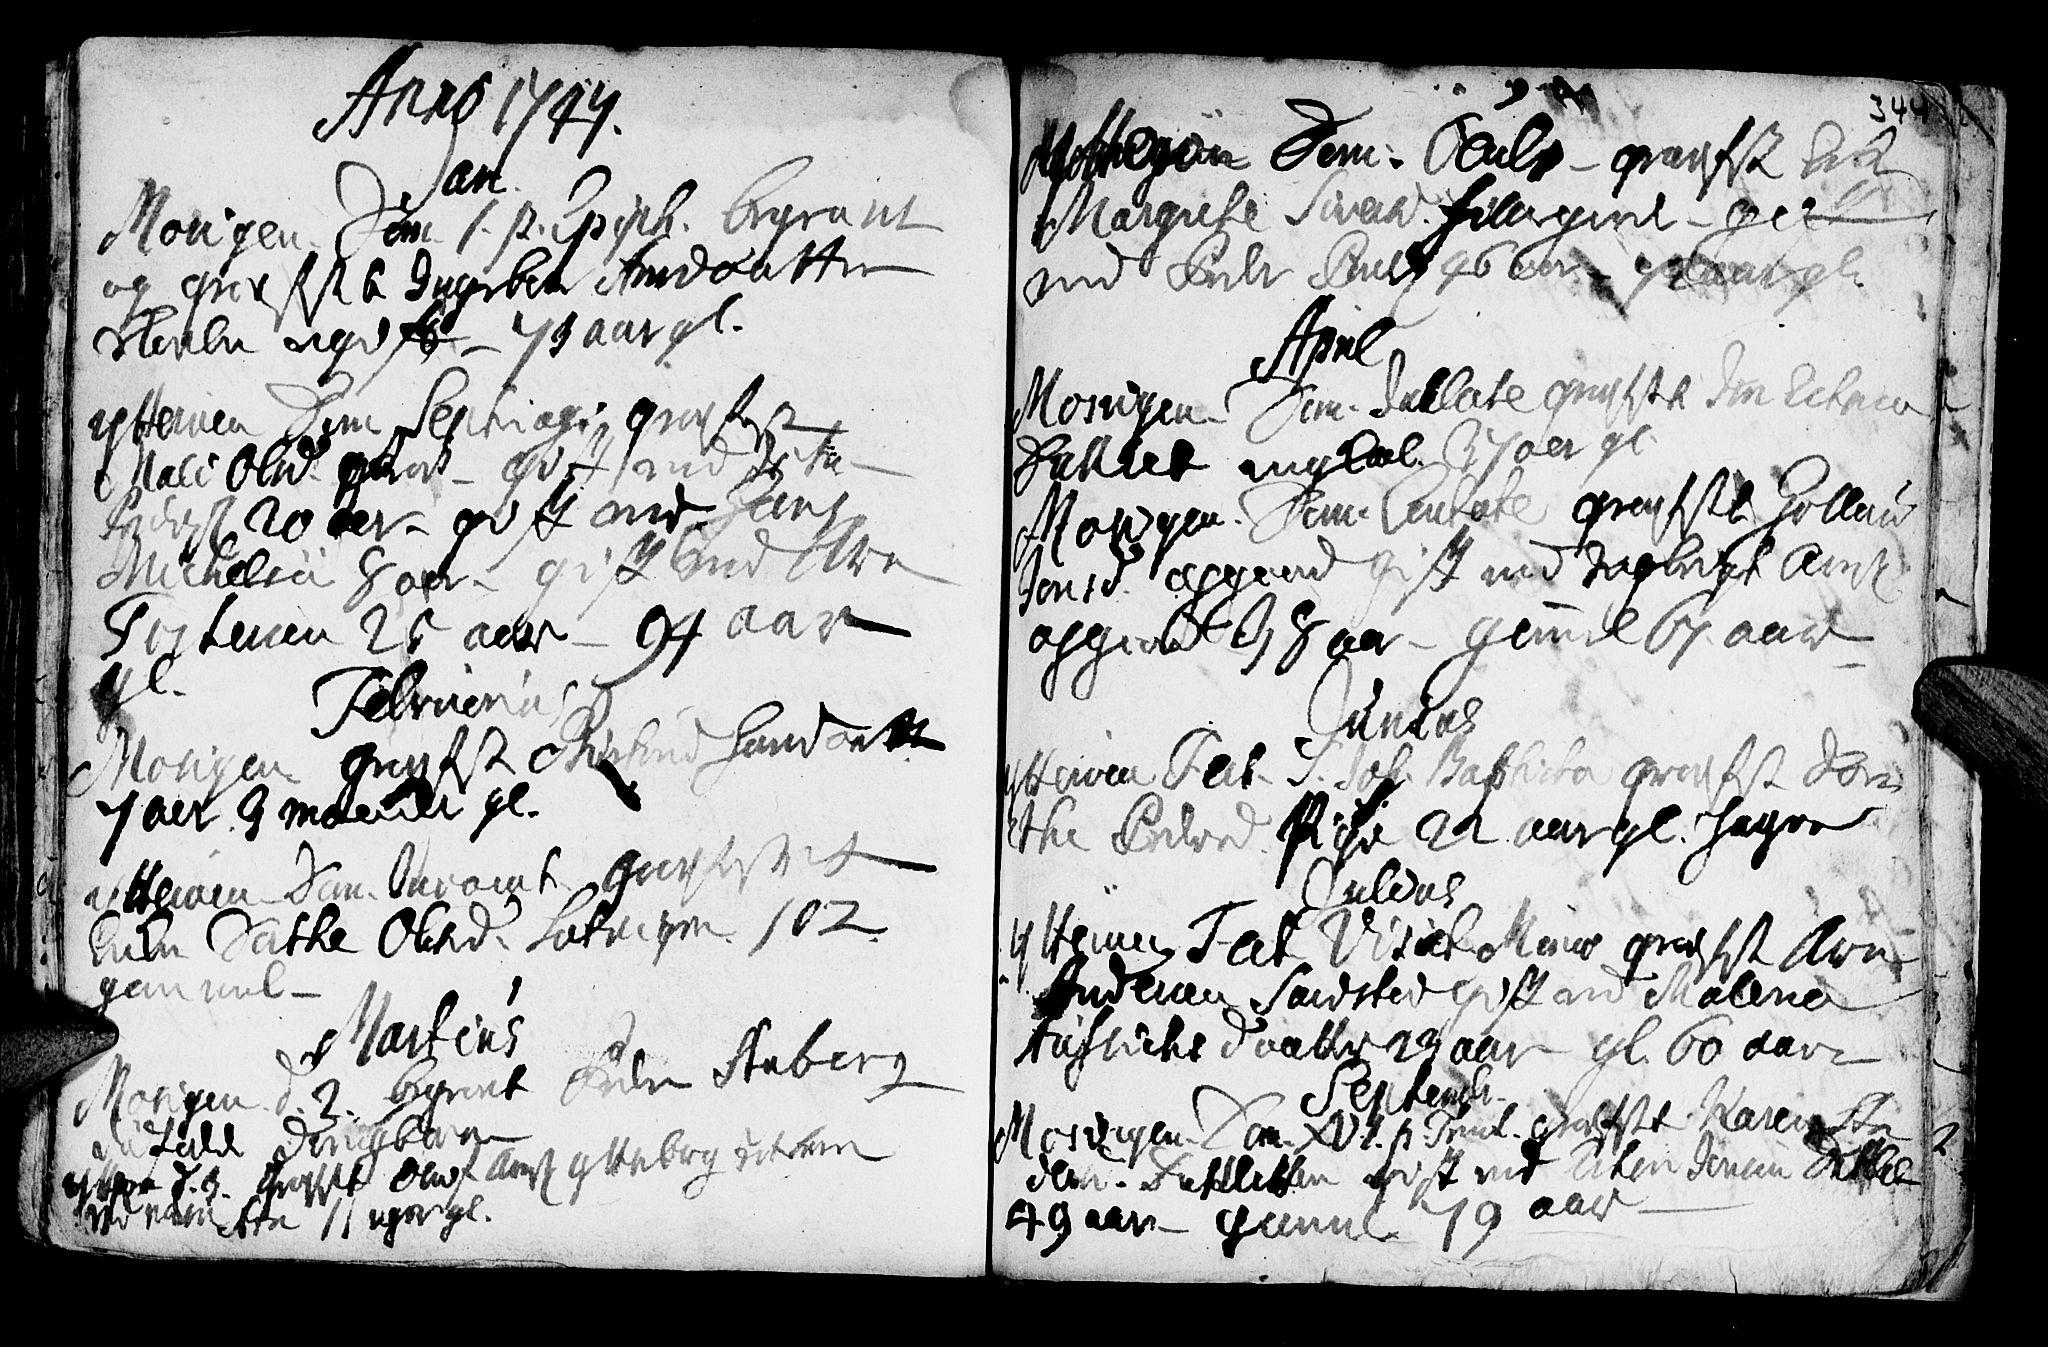 SAT, Ministerialprotokoller, klokkerbøker og fødselsregistre - Nord-Trøndelag, 722/L0215: Ministerialbok nr. 722A02, 1718-1755, s. 344